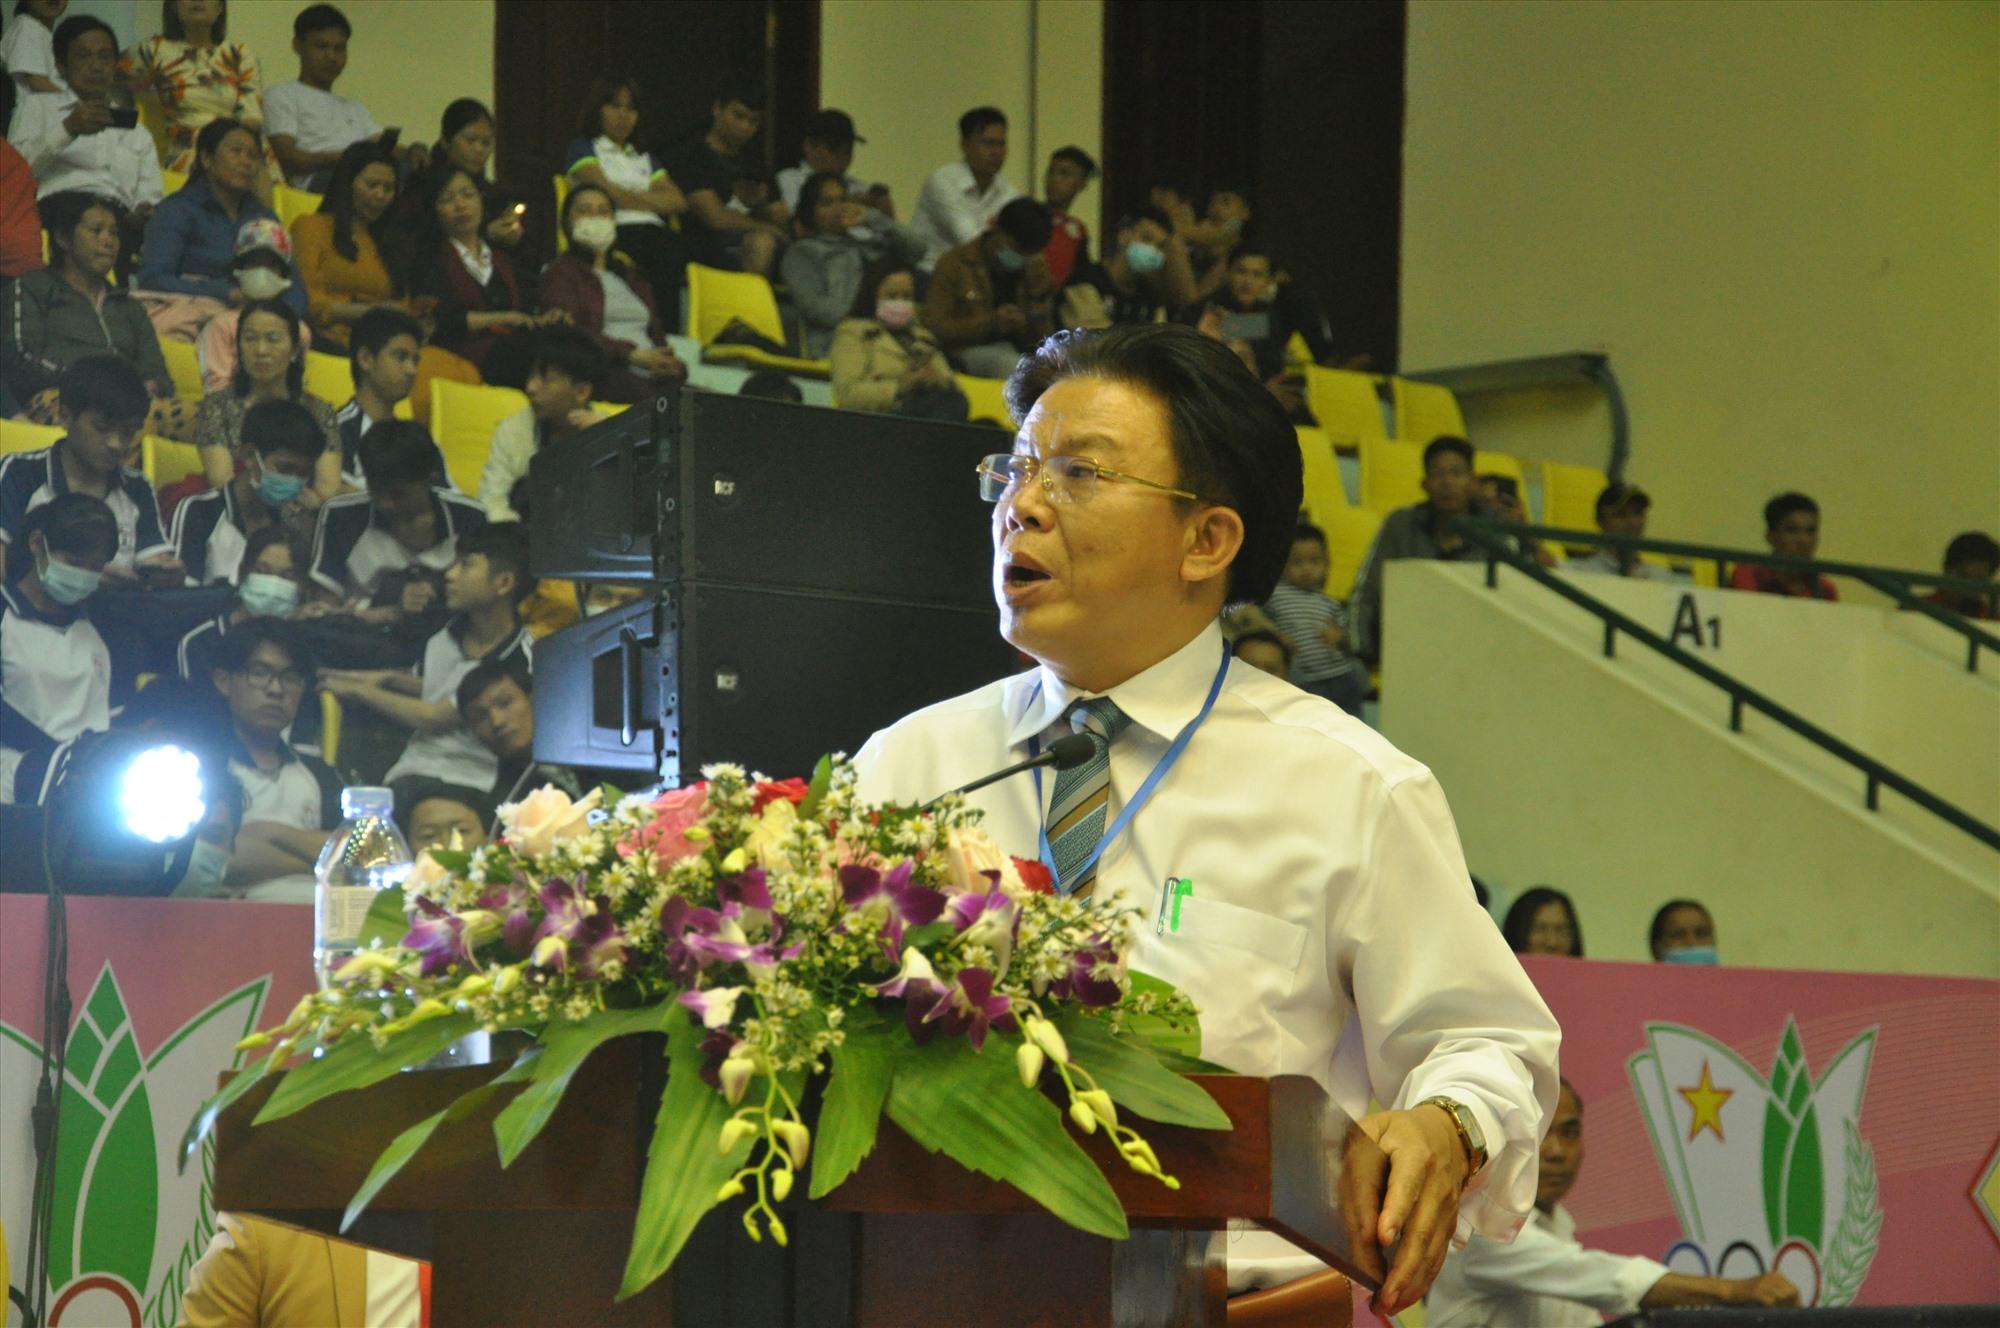 Giám đốc Sở GD-ĐT Hà Thanh Quốc khai mạc HKPĐ tỉnh. Ảnh: X.P